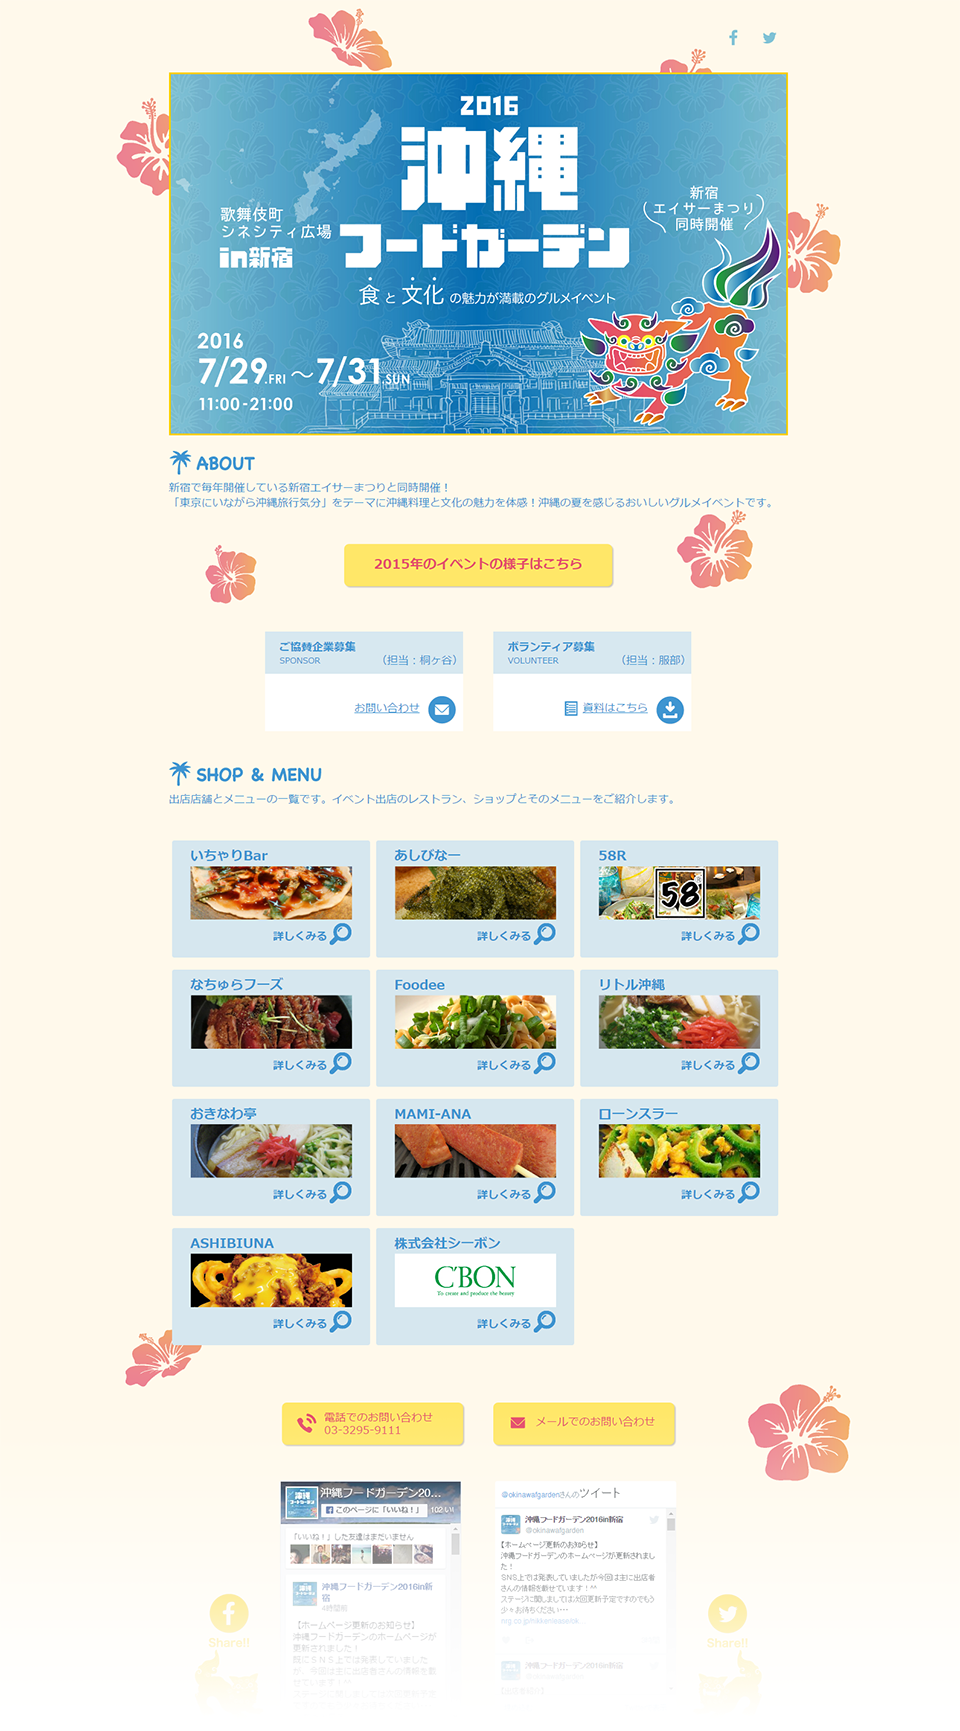 新宿にいながら沖縄旅行気分「沖縄フードガーデン2016」の 紹介ページ制作